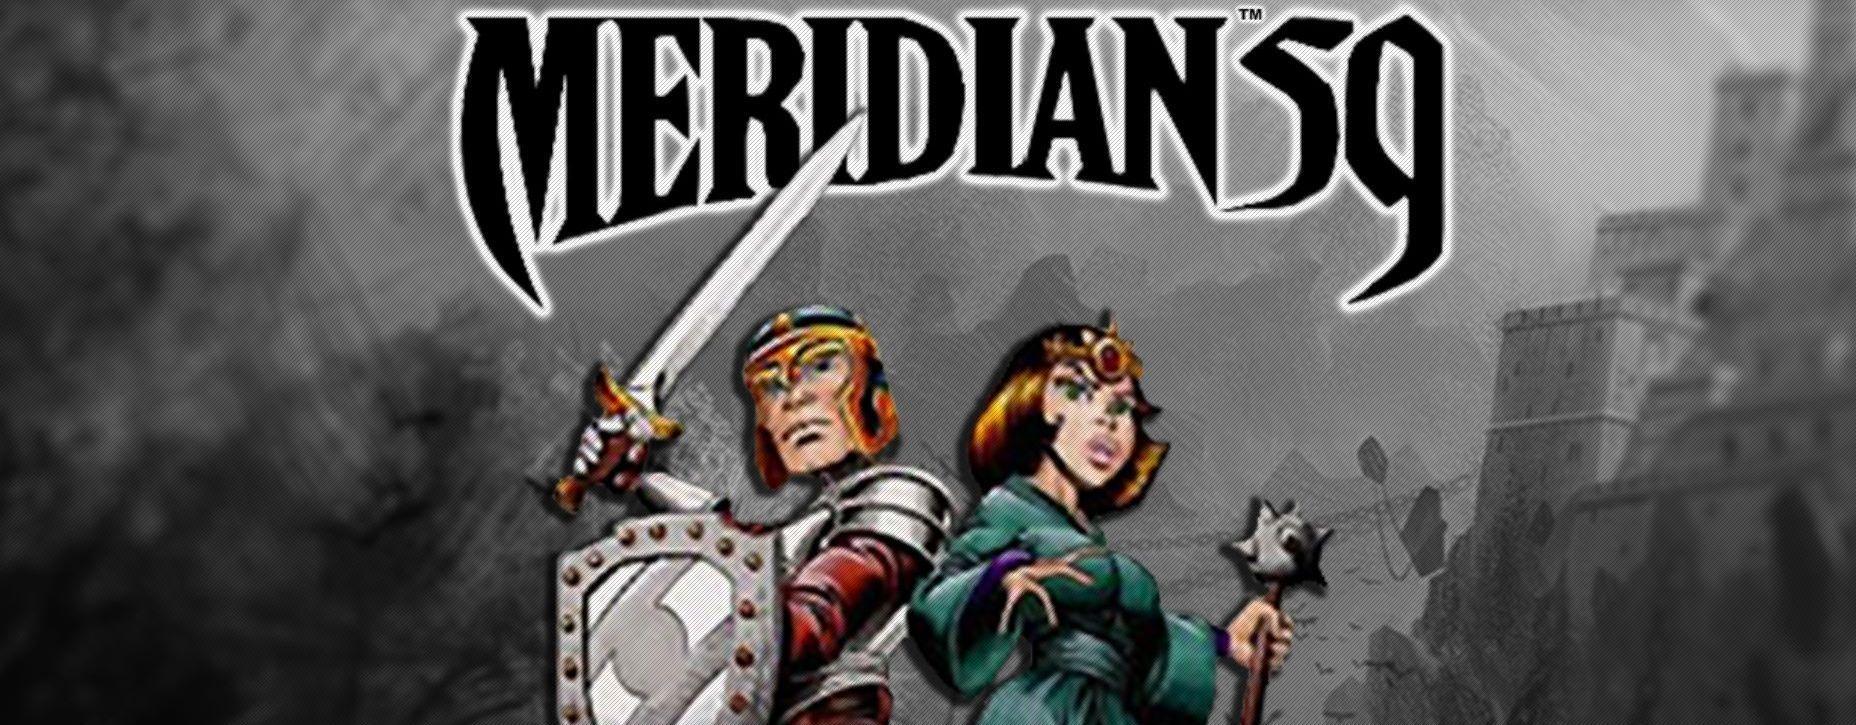 Meridian 59: Vorreiter von WoW erscheint nach 22 Jahren auf Steam